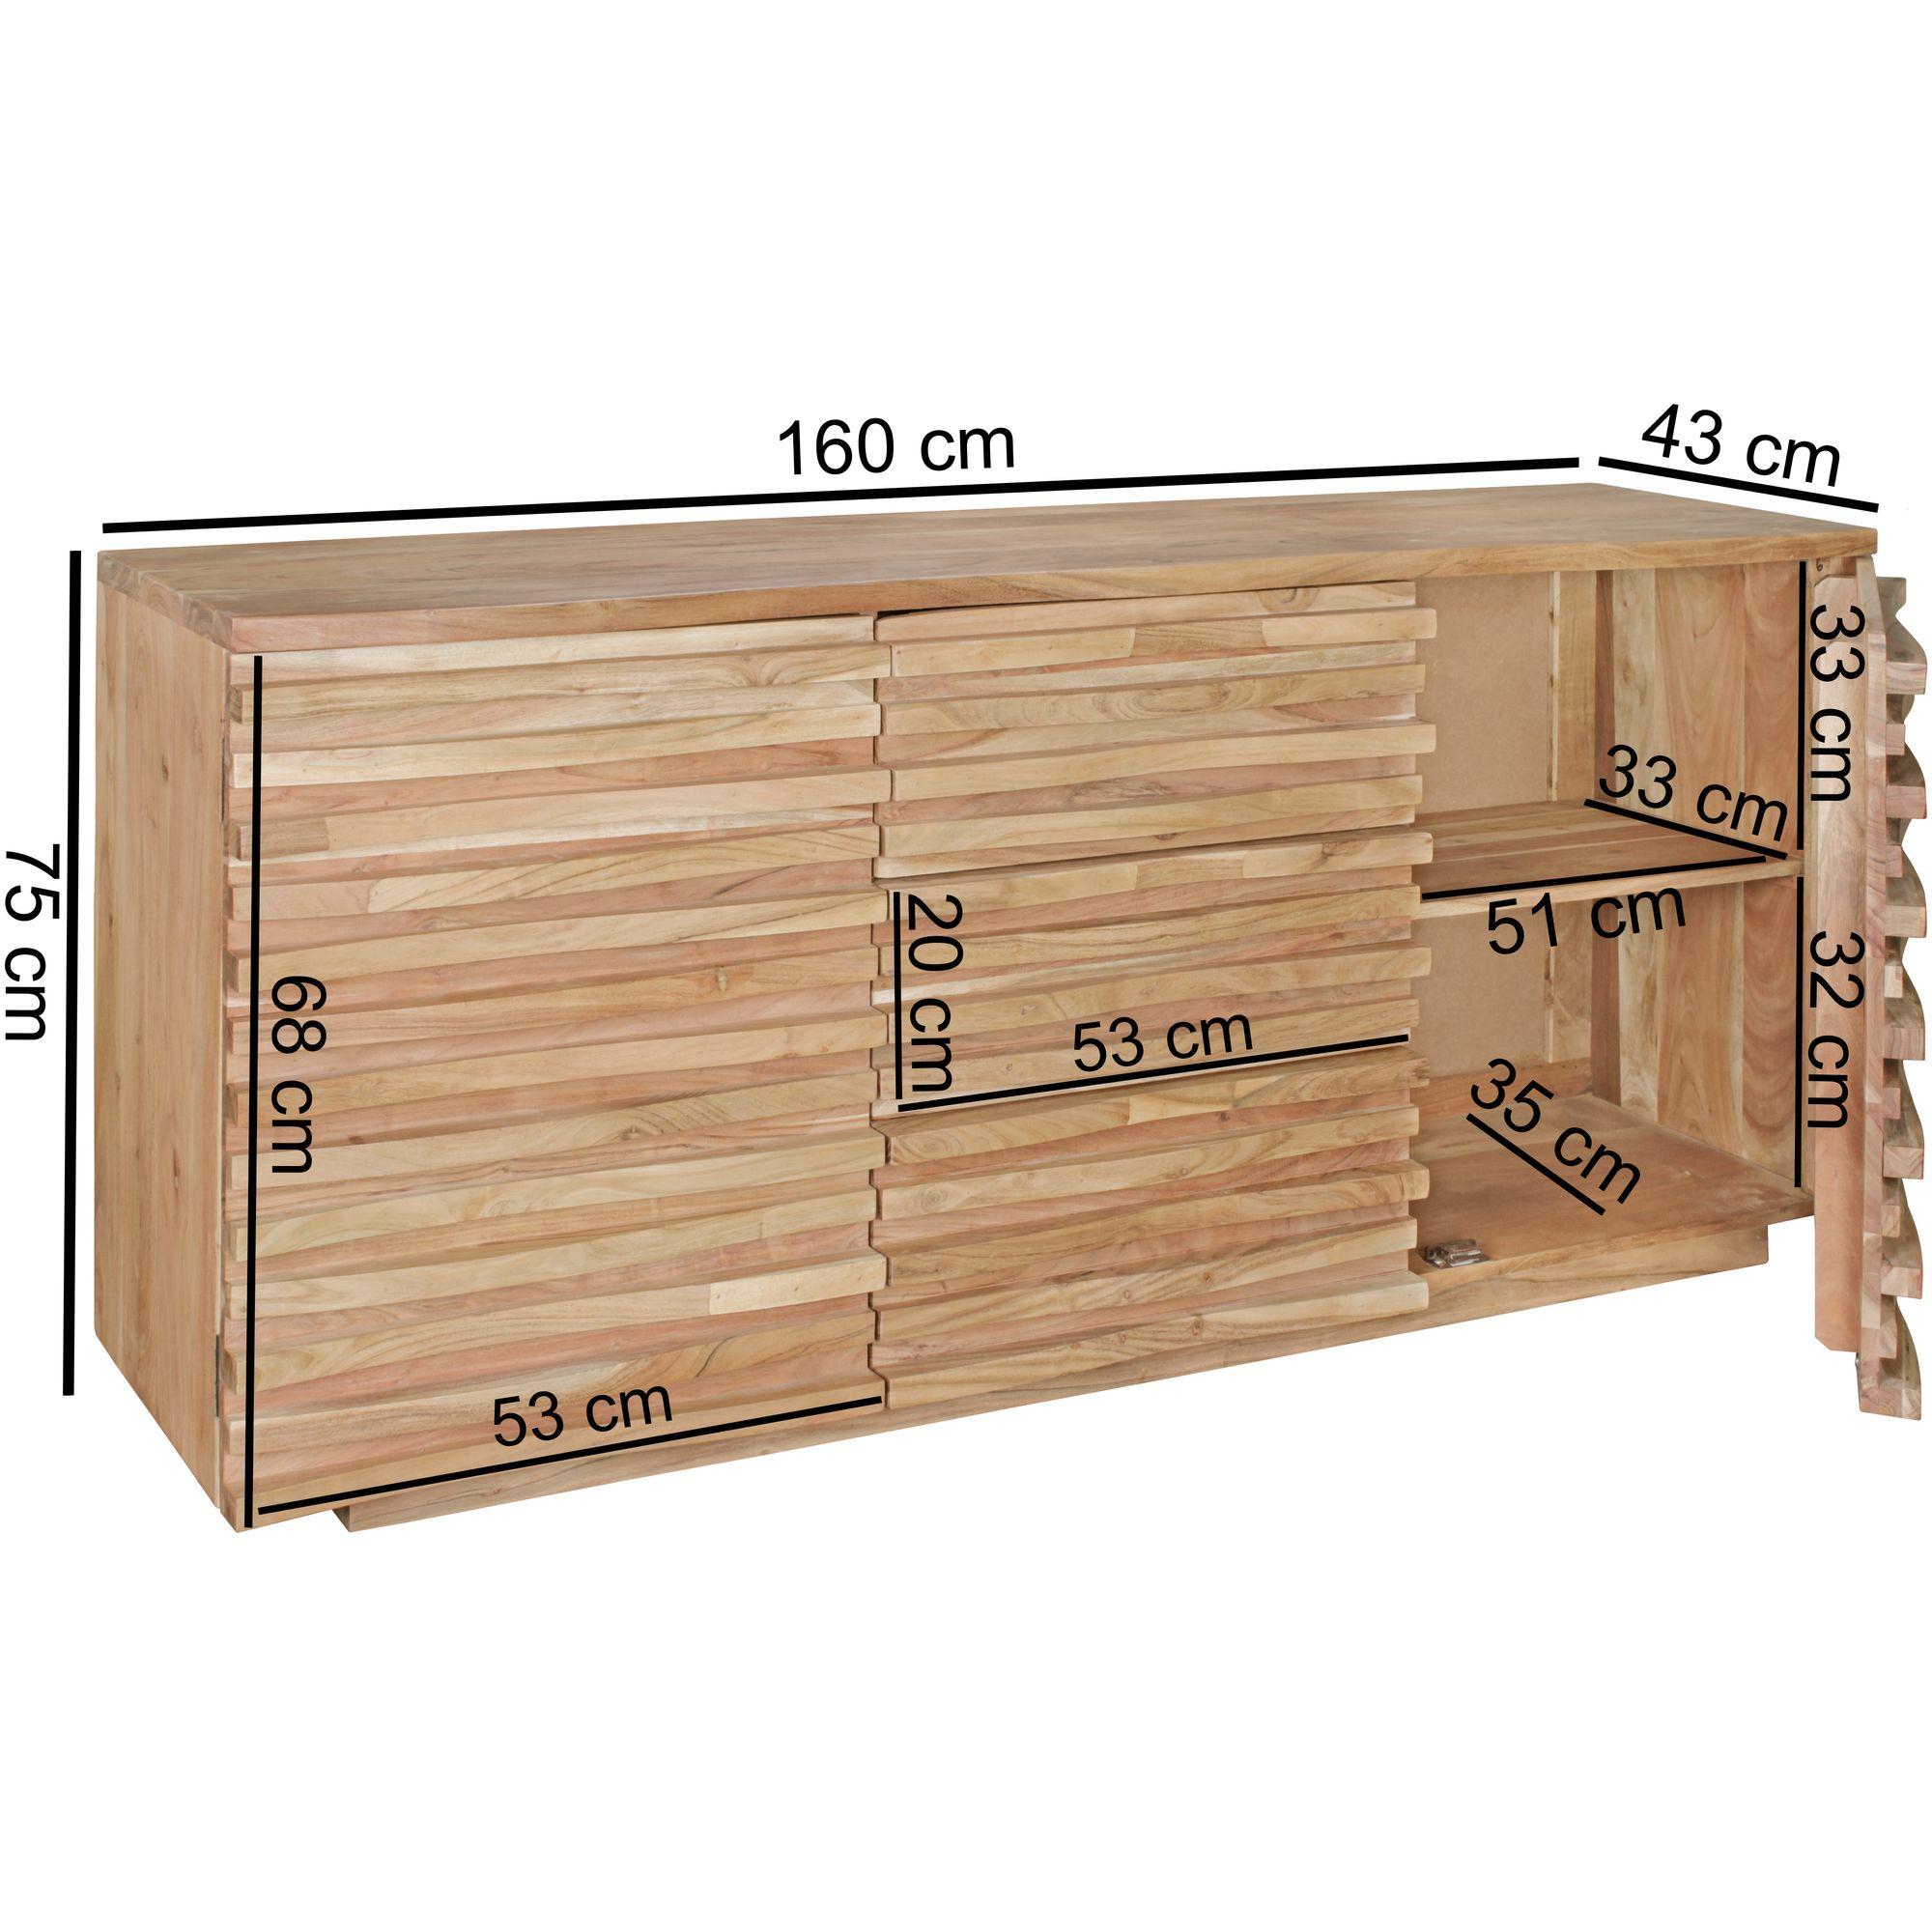 Sideboard Akazie 160 Cm Massivholz Anrichte Landhaus Kommode Schrank